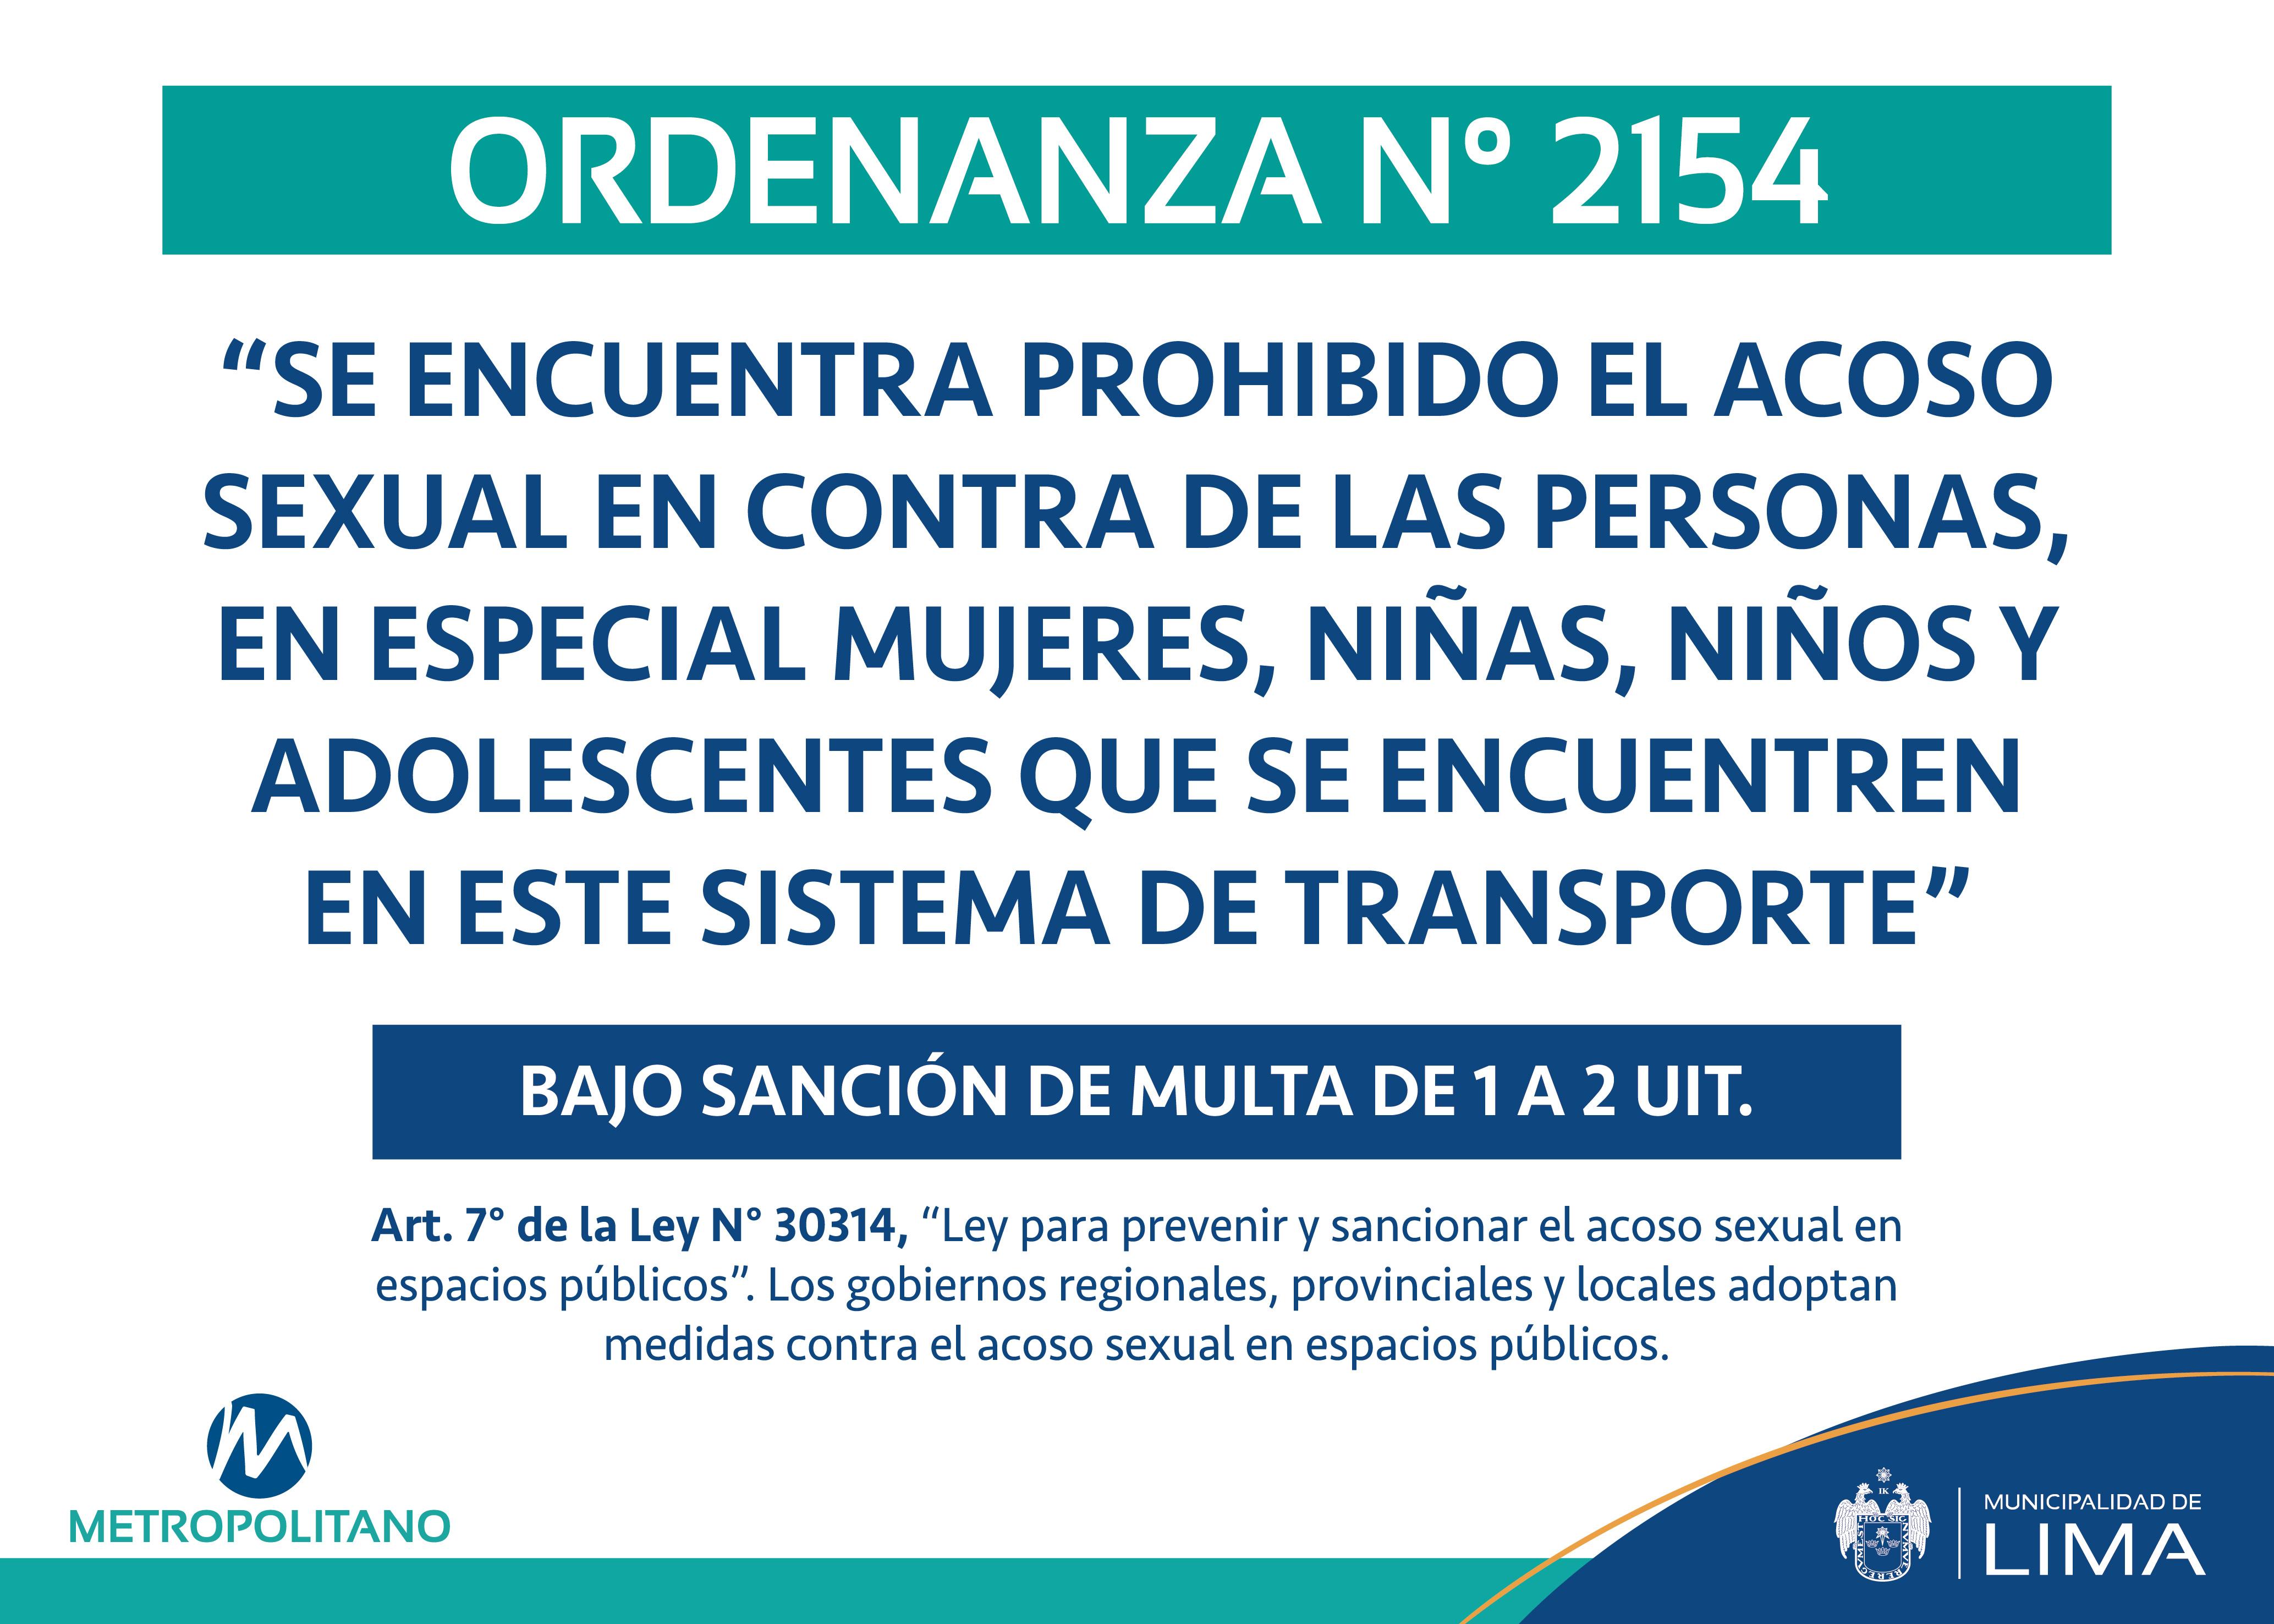 ACOSO SEXUAL ORDENANZA 2154 APROBADO GRANDE OK curvas-01